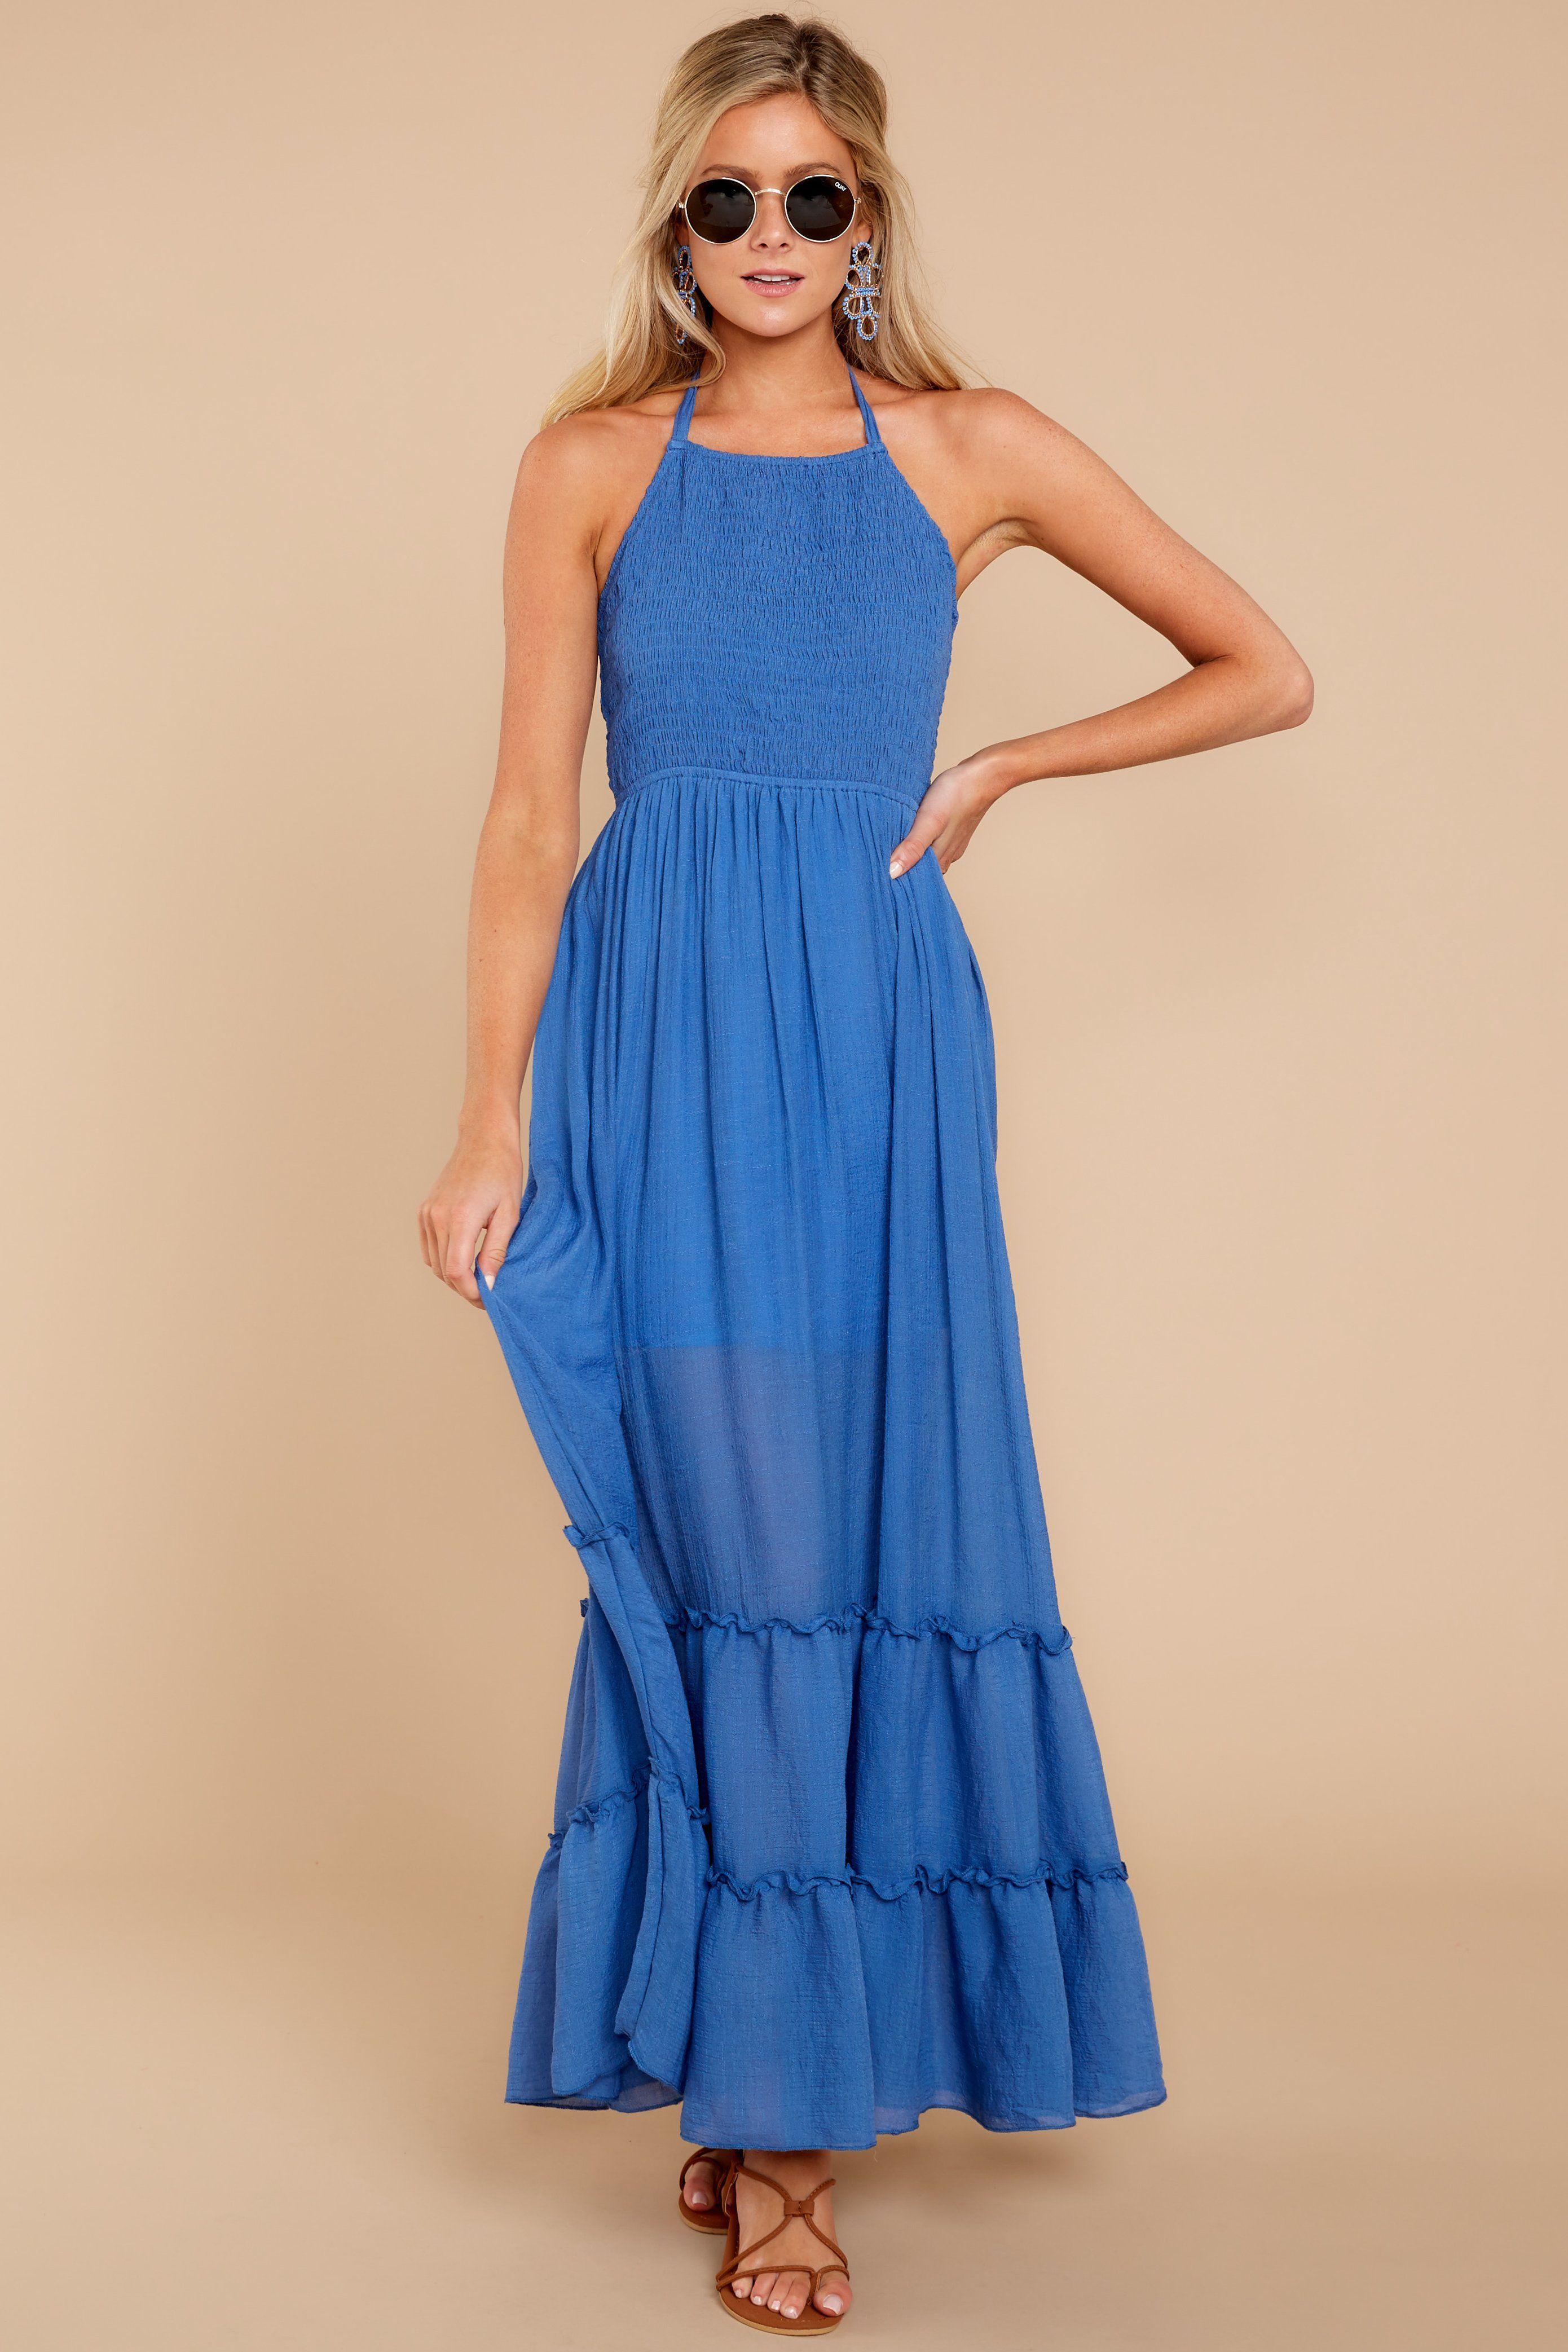 Blue maxi dress casual maxi dress dress 4400 red